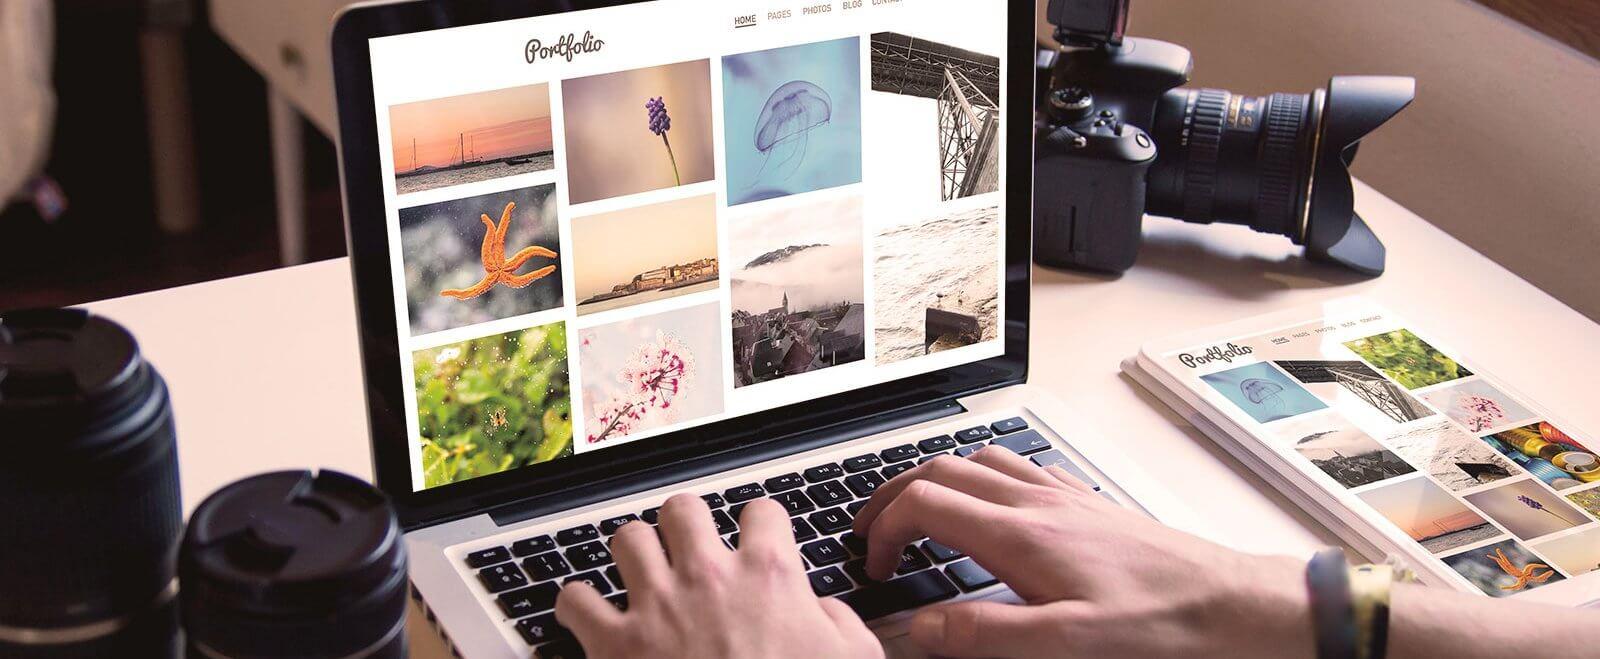 Internetpräsenz für Fotografen